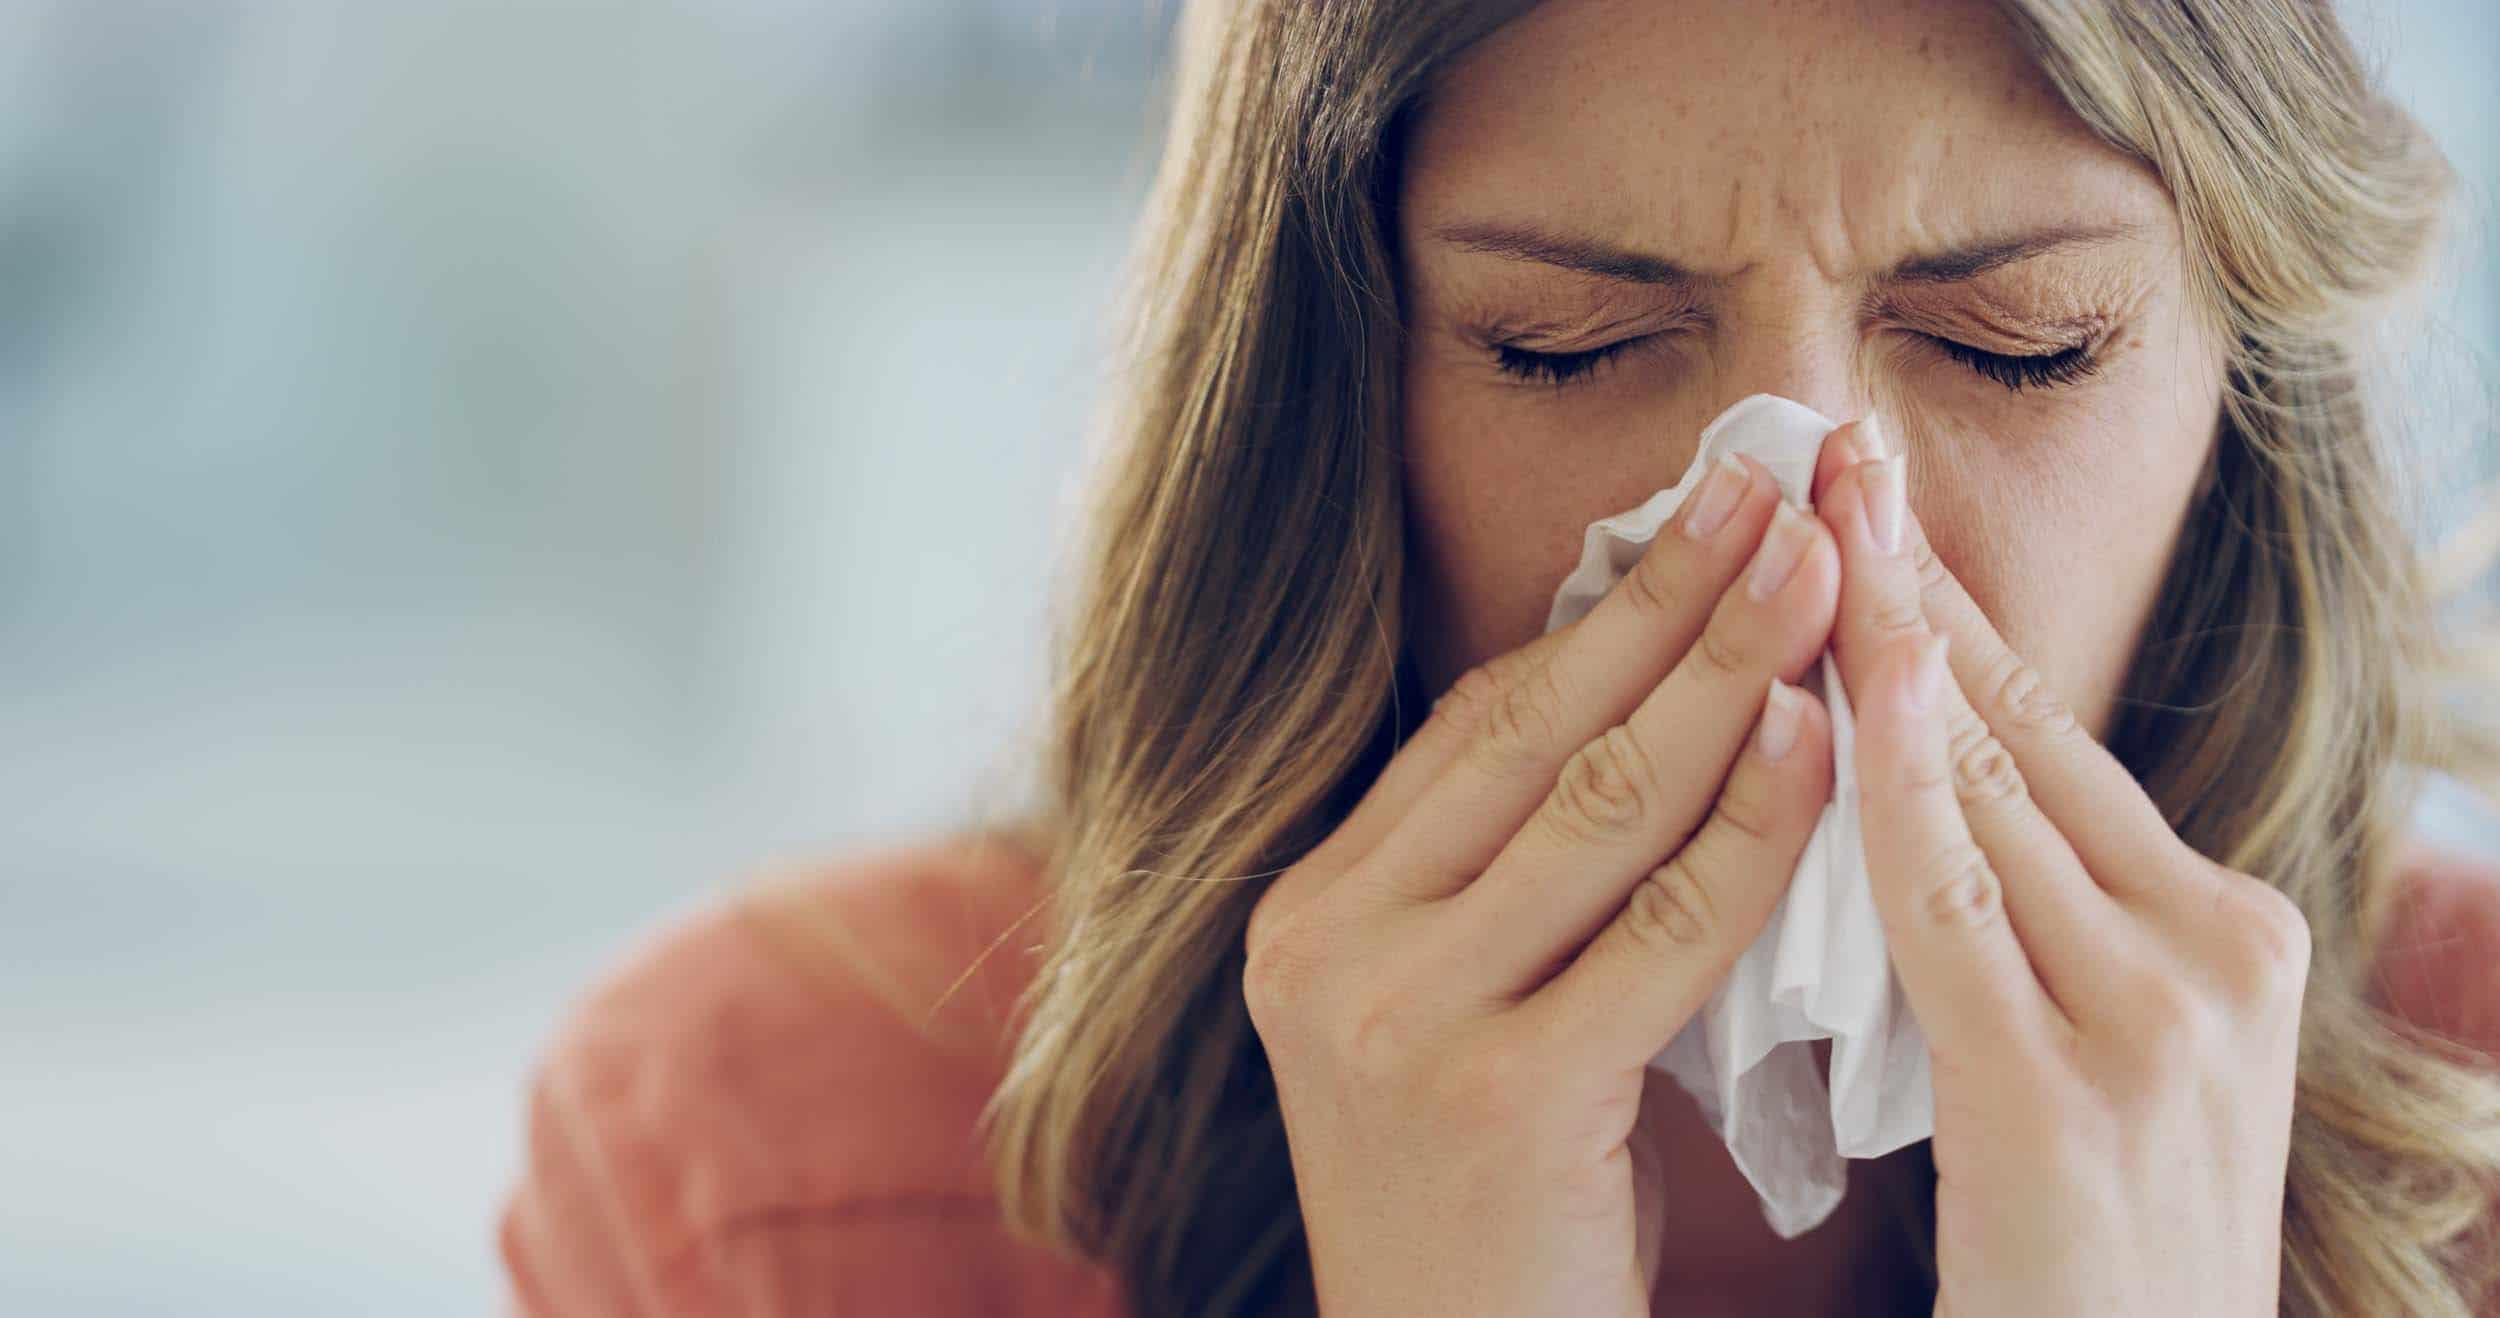 咳嗽打噴嚏 用衫袖遮掩口鼻好過用手(衛生處方)